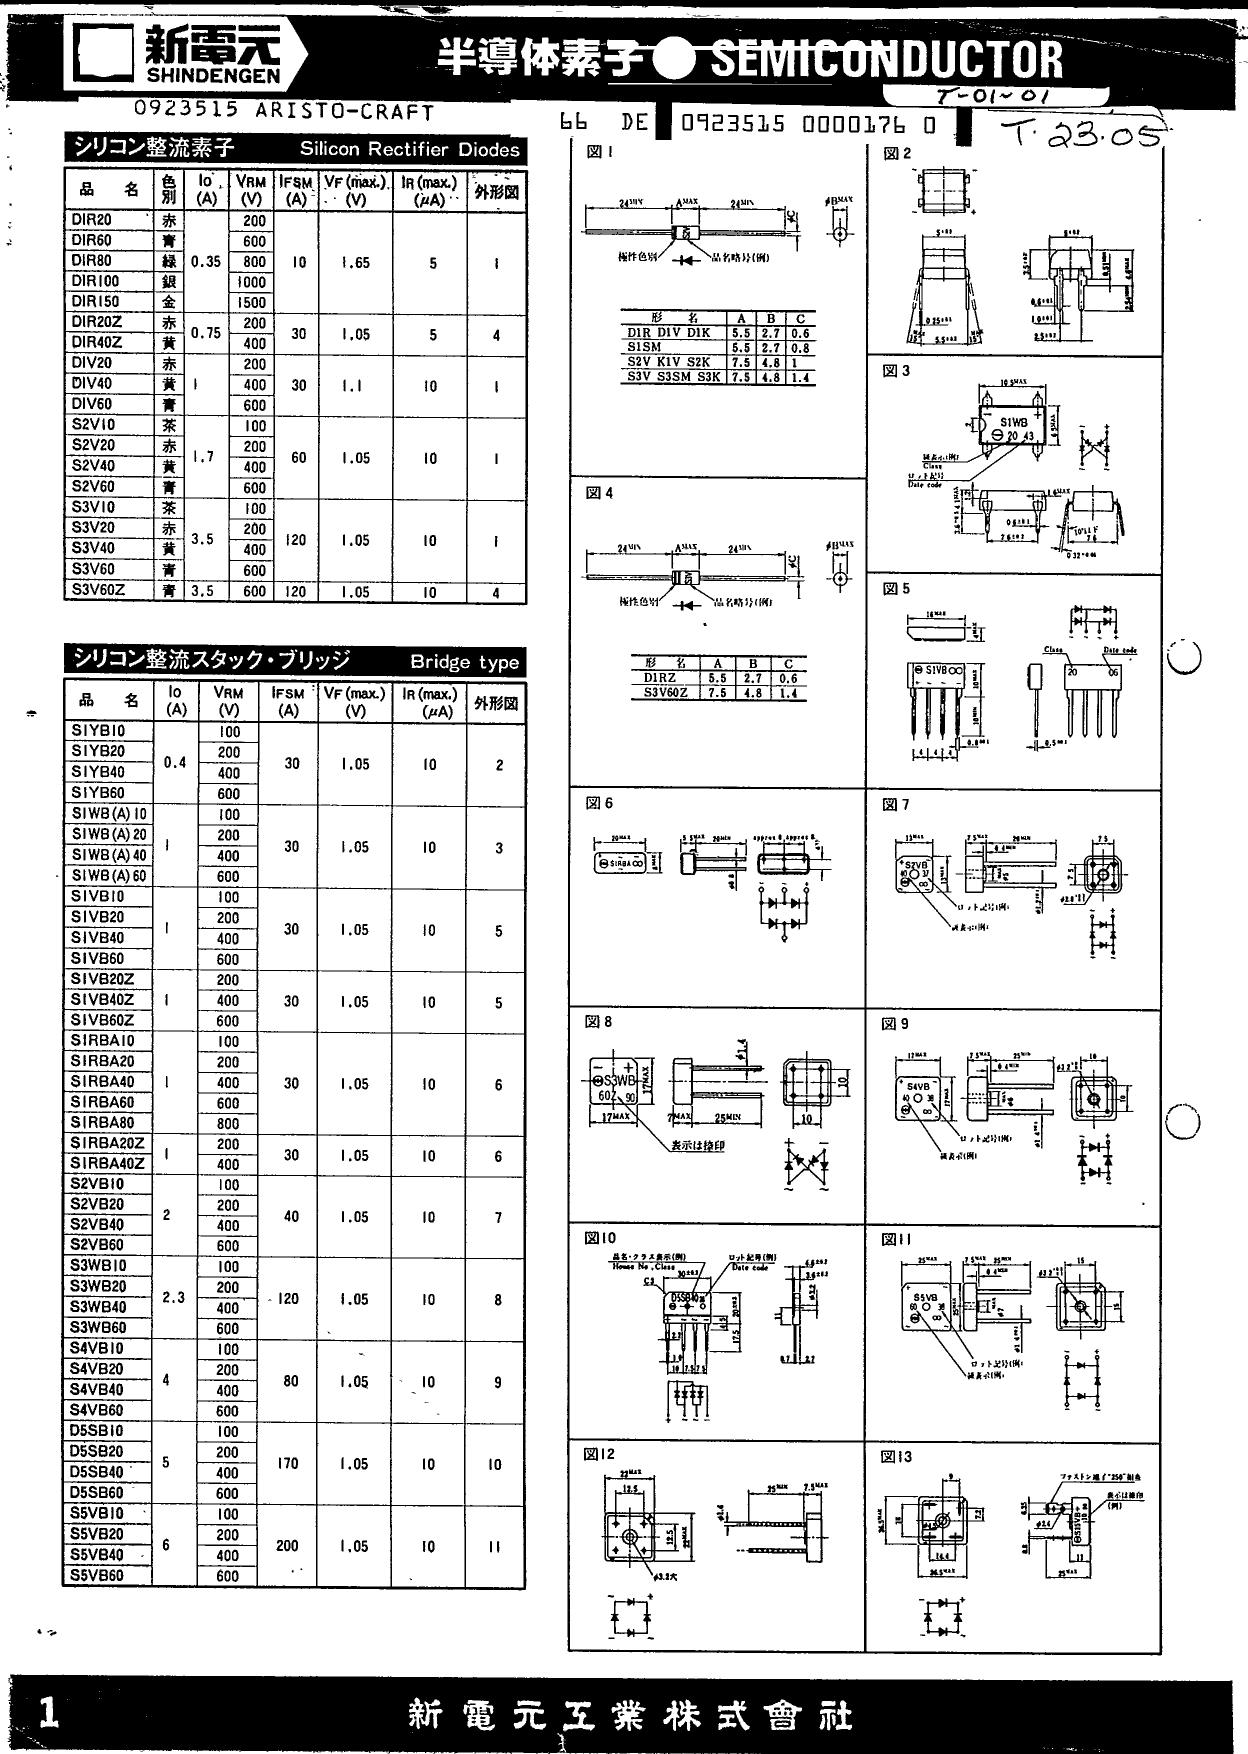 S4VB10 datasheet pinout